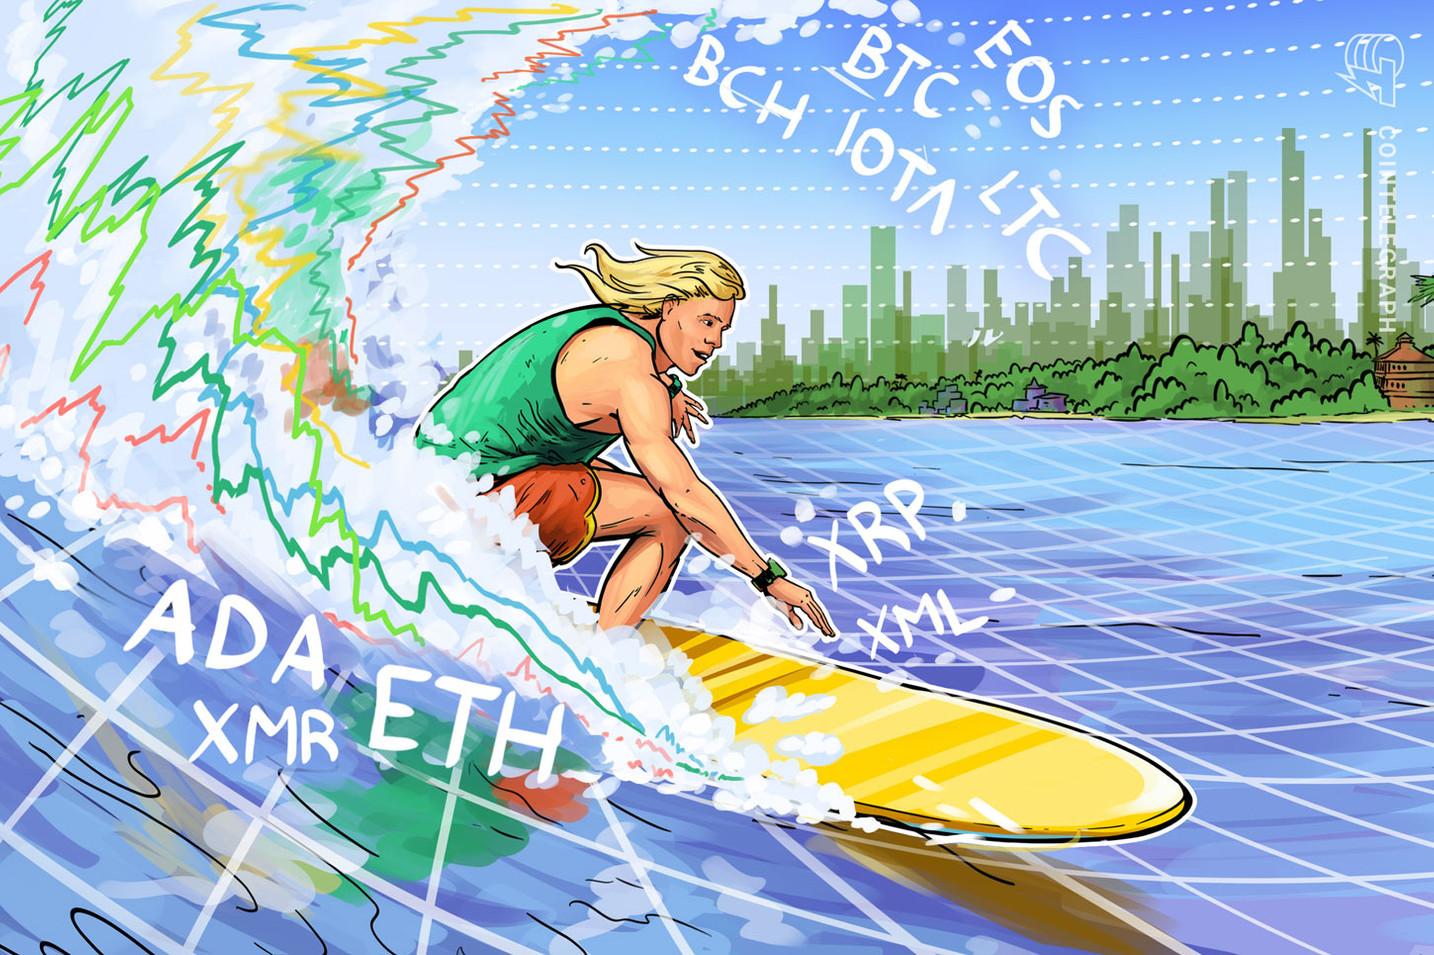 Kursanalyse, 25. August: Bitcoin, Ethereum, Ripple, Bitcoin Cash, EOS, Stellar, Litecoin, Cardano, Monero, IOTA